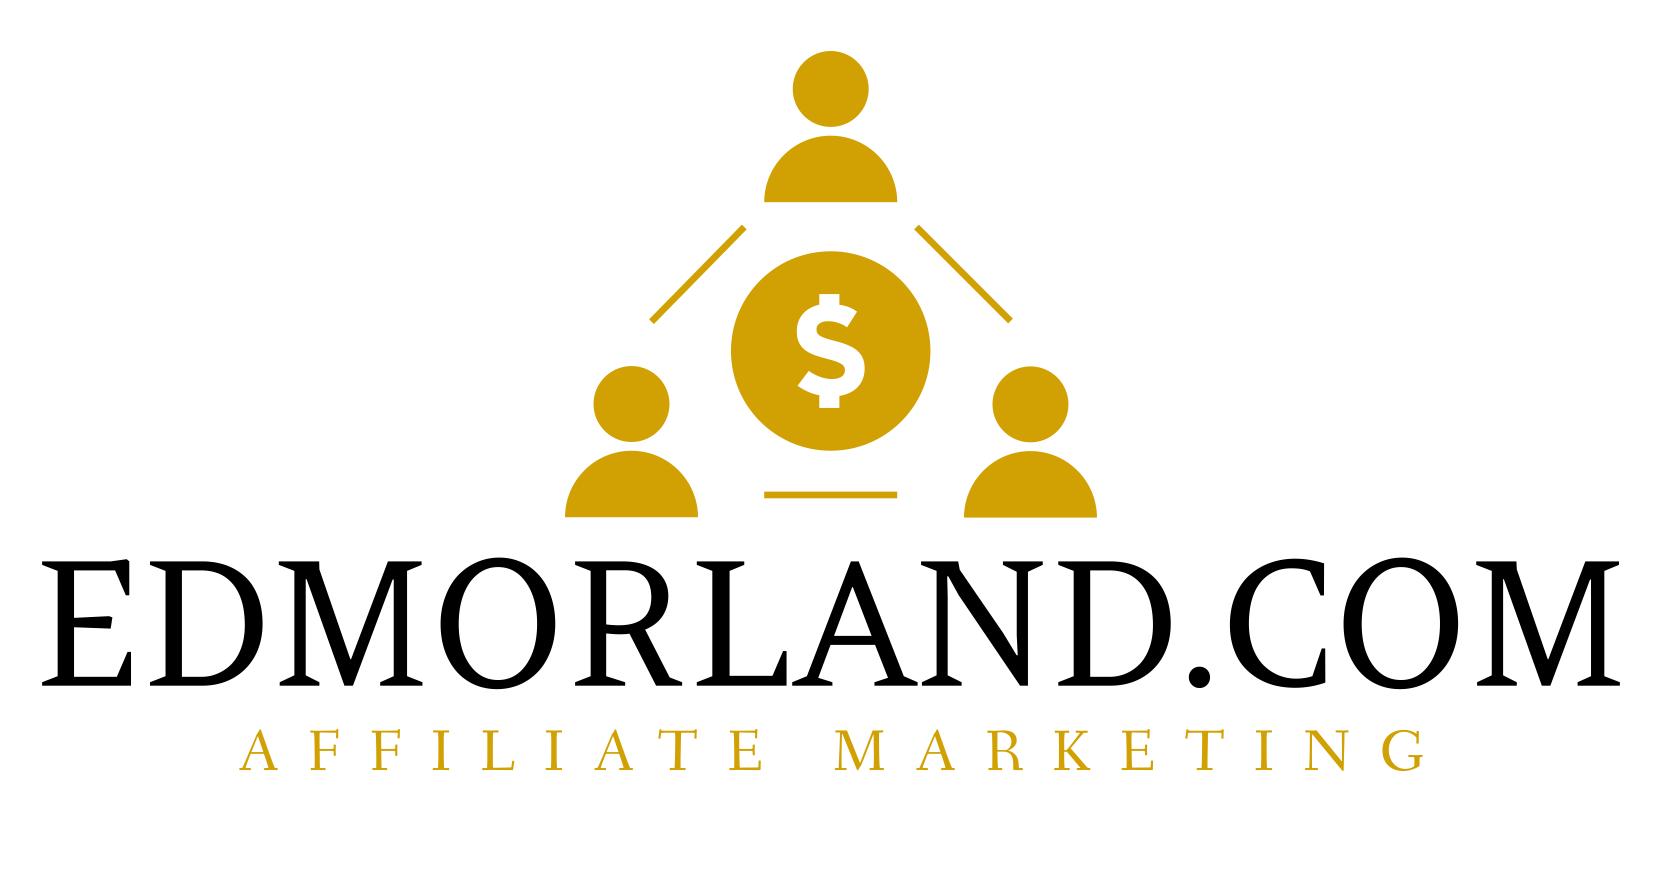 edmorland.com logo